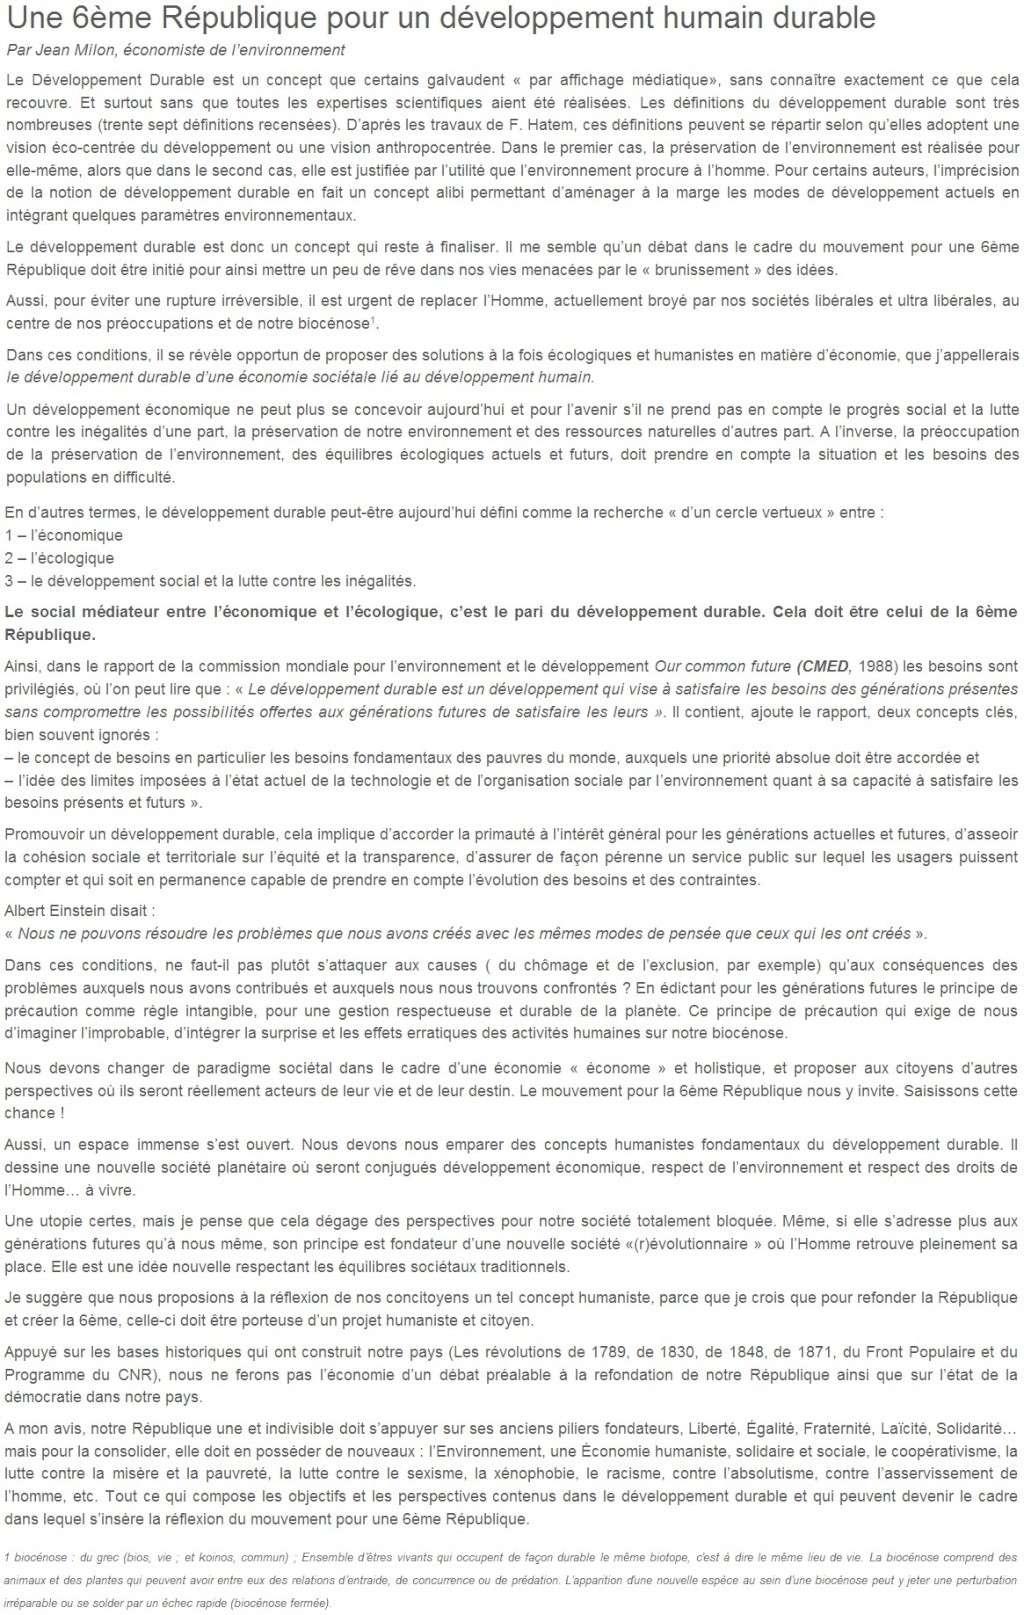 Je signe pour la 6e République + Déclaration de Marie George Buffet + Diverses signatures et appels (politiques, associatifs, intellectuels), signatures collectives (Socialistes affligés, militants PCF, Nouvelle Donne, syndicalistes)  09_une10